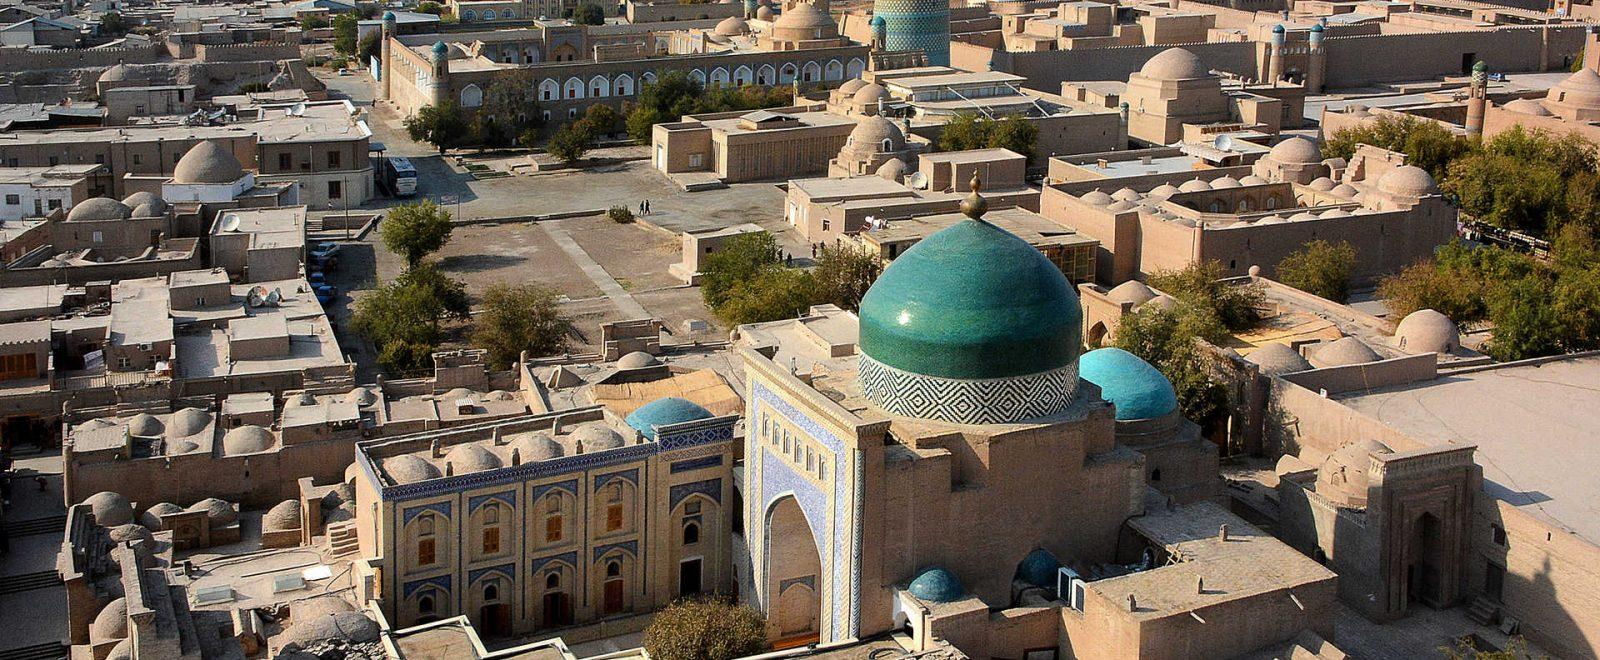 Guide culturel ouzbek les choses inoubliables à faire en Ouzbékistan